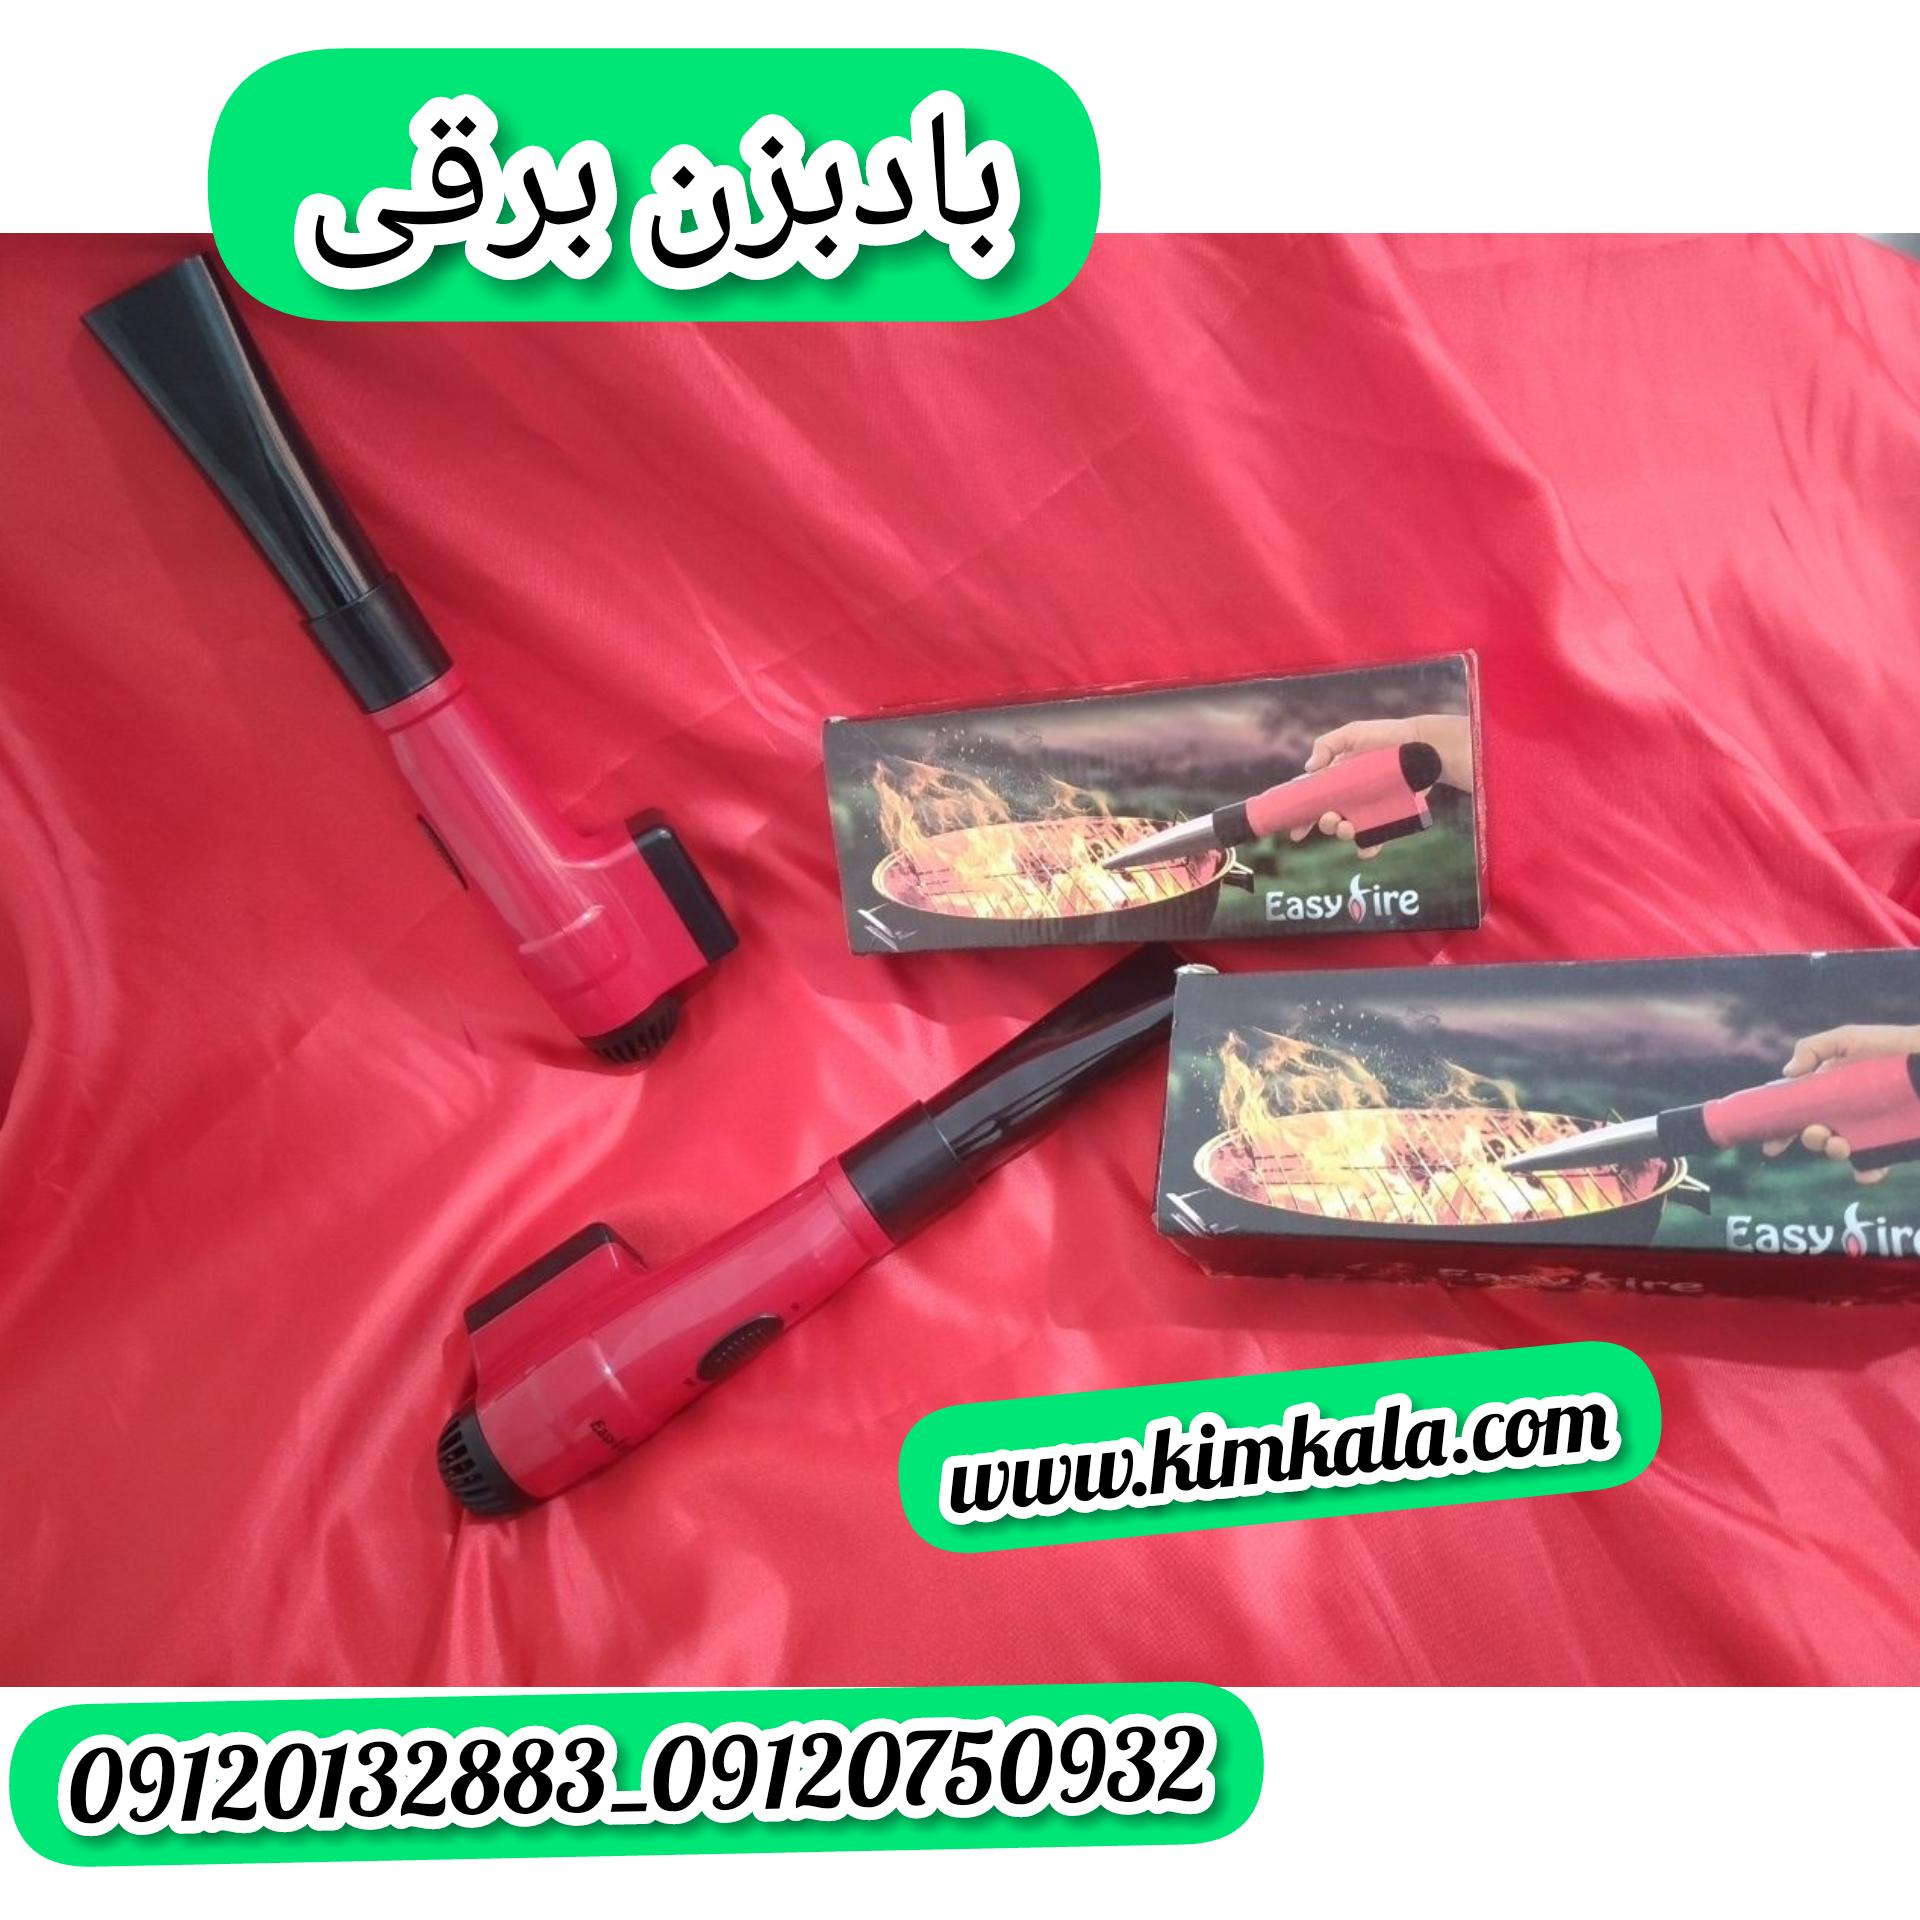 بادبزن برقی۰۹۱۲۰۱۳۲۸۸۳/قیمت بادبزن برقی